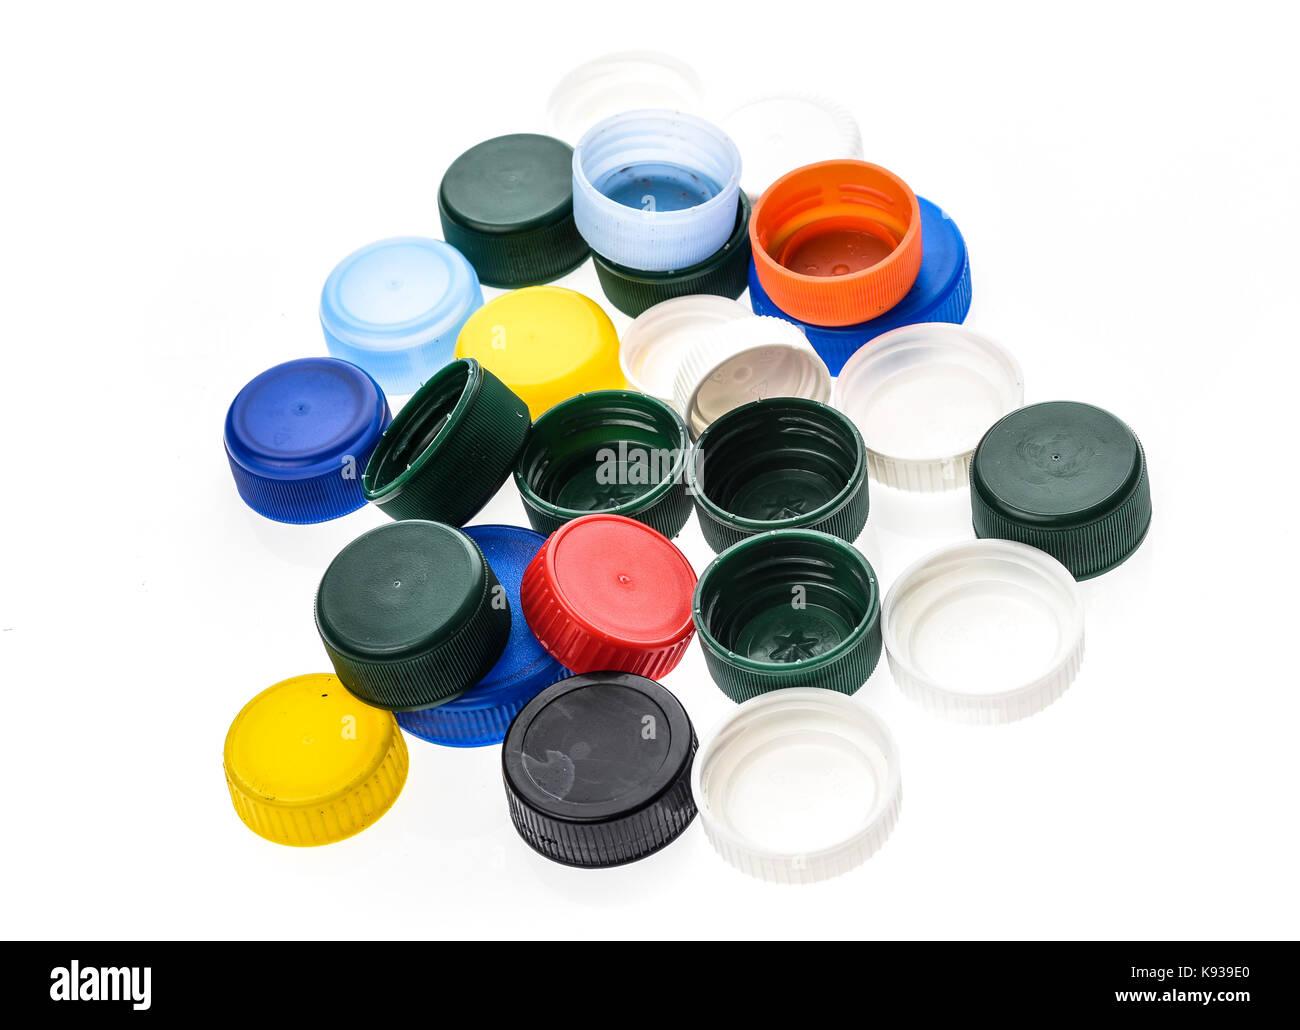 Tapones para botellas de plástico de diferentes colores. Un montón de tapas  de botellas de plástico aislado sobre fondo blanco. d031968a4f60